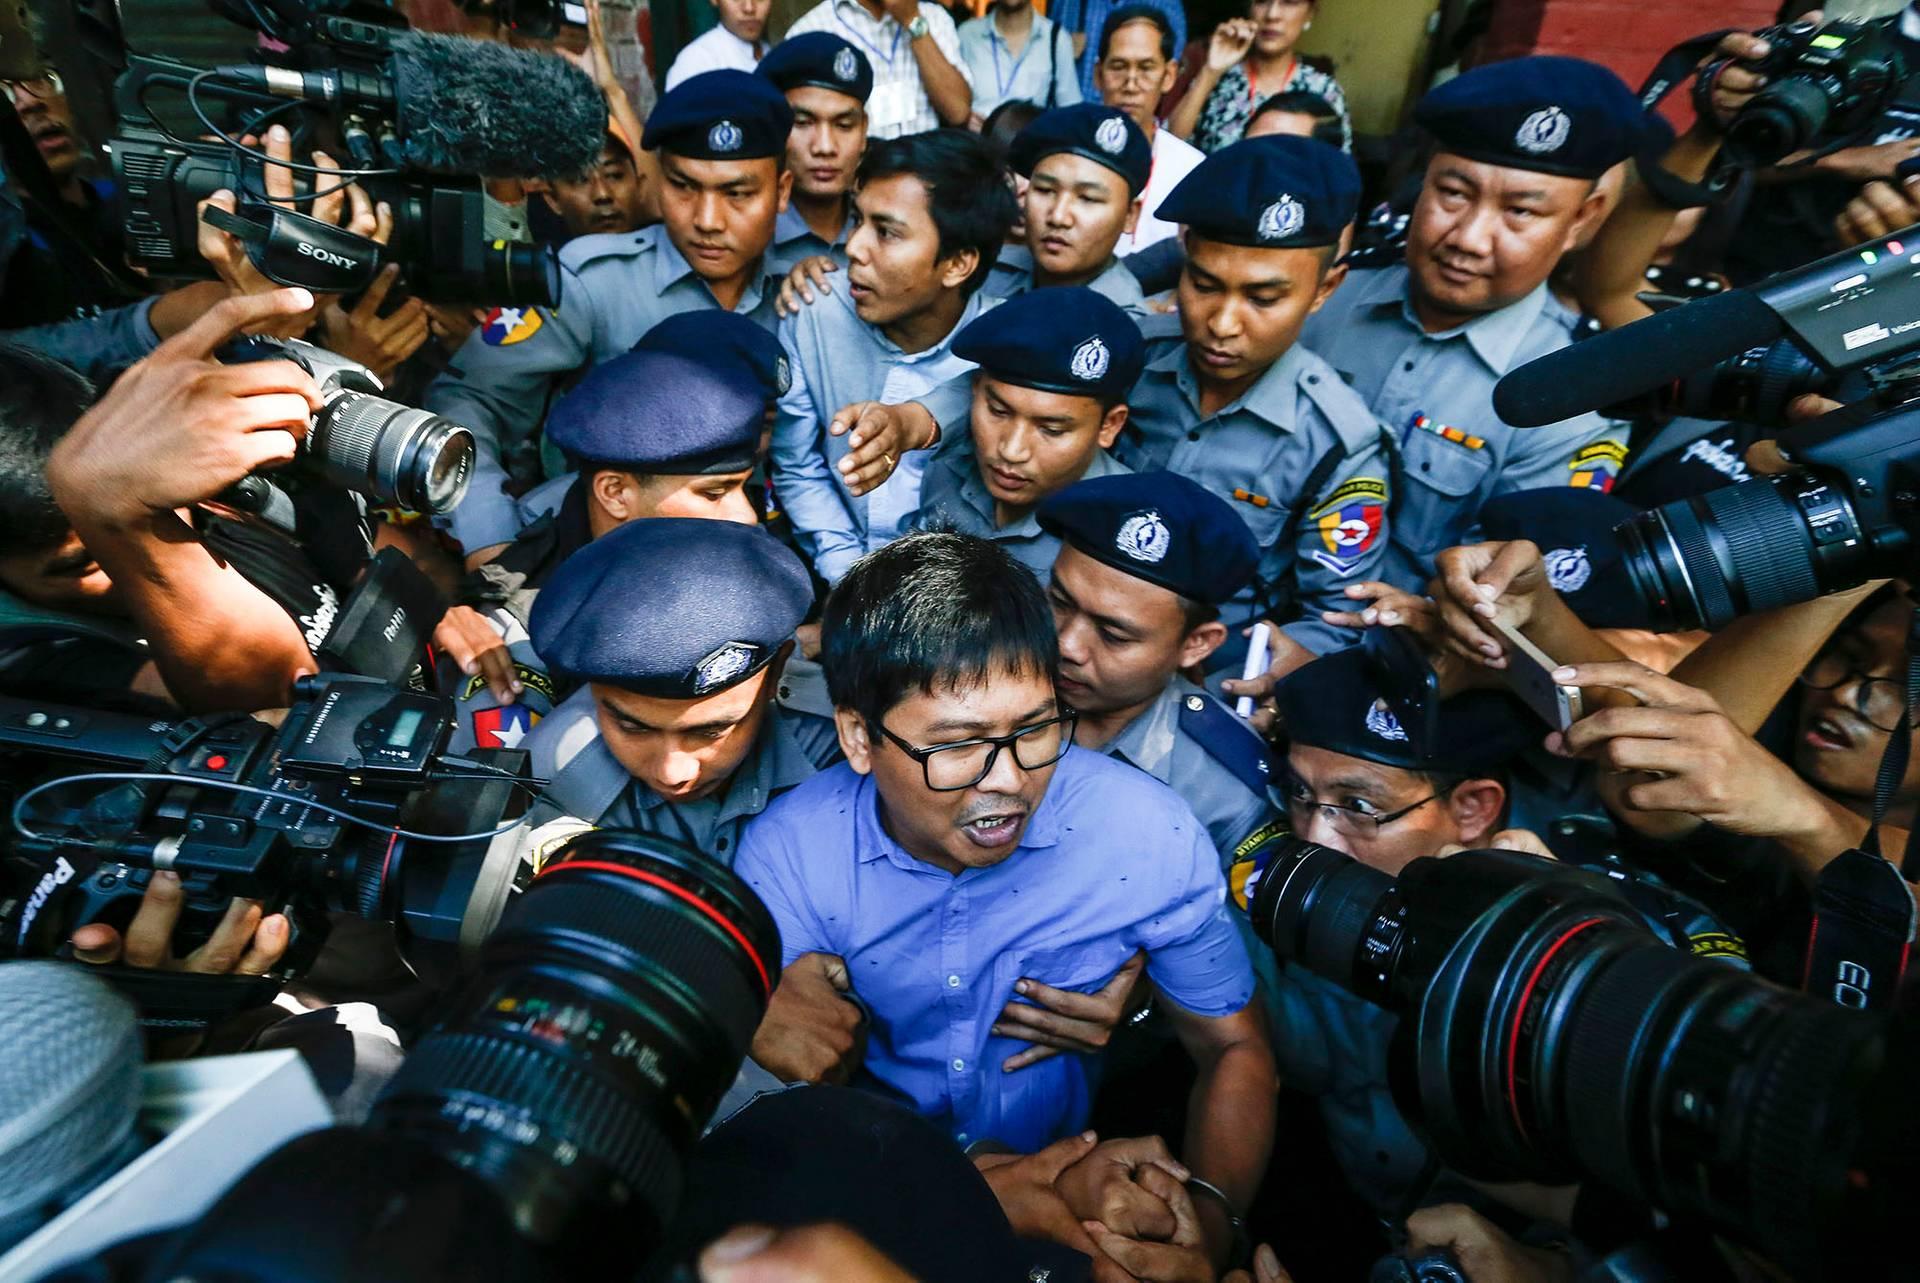 Журналісти Reuters, яких засудили у М'янмі до 7 років ув'язнення за розслідування геноциду рохінджа — Ва Лон (в центрі на предньому плані) і Кья Со Оо (в центрі на задньому плані) в оточенні поліції після засідання суду, Янгон, М'янма, 10 січня 2018 року